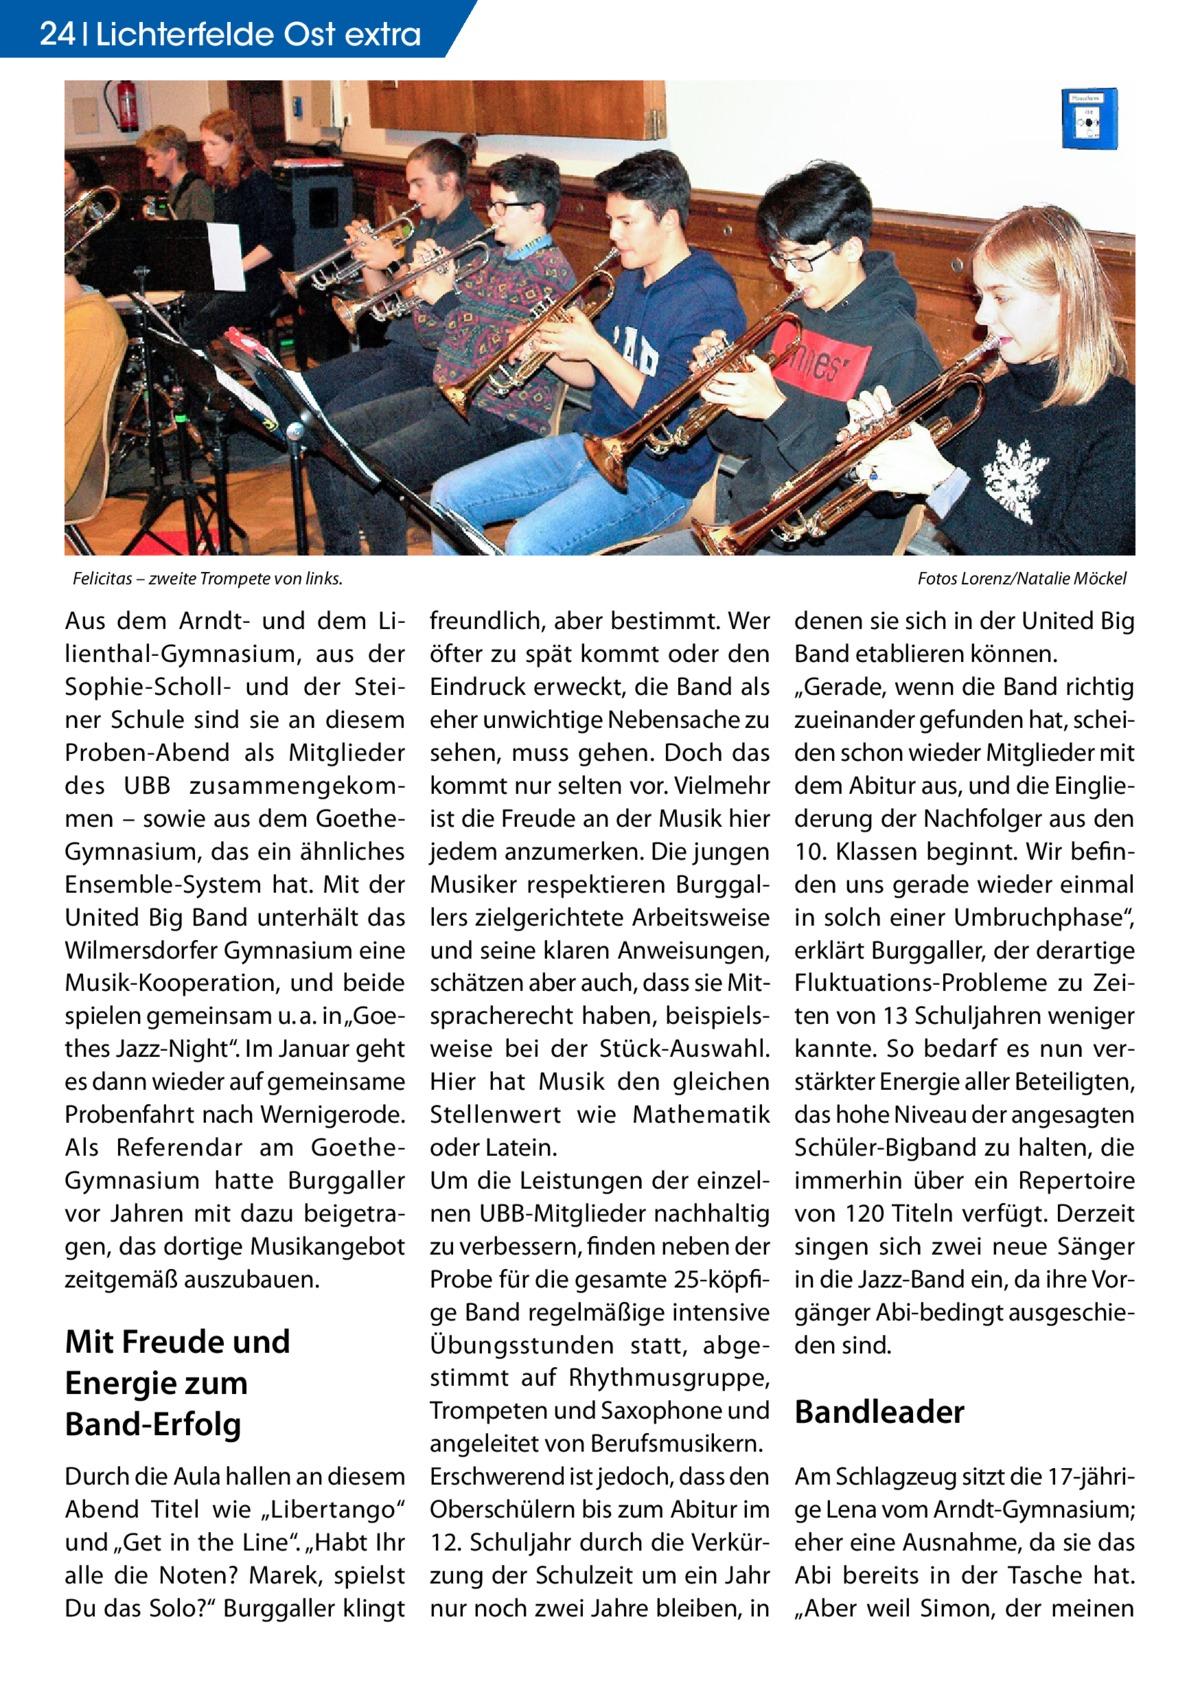 """24 Lichterfelde Gesundheit Ost extra  Felicitas – zweite Trompete von links.�  Aus dem Arndt- und dem Lilienthal-Gymnasium, aus der Sophie-Scholl- und der Steiner Schule sind sie an diesem Proben-Abend als Mitglieder des UBB zusammengekommen – sowie aus dem GoetheGymnasium, das ein ähnliches Ensemble-System hat. Mit der United Big Band unterhält das Wilmersdorfer Gymnasium eine Musik-Kooperation, und beide spielen gemeinsam u.a. in """"Goethes Jazz-Night"""". Im Januar geht es dann wieder auf gemeinsame Probenfahrt nach Wernigerode. Als Referendar am GoetheGymnasium hatte Burggaller vor Jahren mit dazu beigetragen, das dortige Musikangebot zeitgemäß auszubauen.  Mit Freude und Energie zum Band-Erfolg Durch die Aula hallen an diesem Abend Titel wie """"Libertango"""" und """"Get in the Line"""". """"Habt Ihr alle die Noten? Marek, spielst Du das Solo?"""" Burggaller klingt  Fotos Lorenz/Natalie Möckel  freundlich, aber bestimmt. Wer öfter zu spät kommt oder den Eindruck erweckt, die Band als eher unwichtige Nebensache zu sehen, muss gehen. Doch das kommt nur selten vor. Vielmehr ist die Freude an der Musik hier jedem anzumerken. Die jungen Musiker respektieren Burggallers zielgerichtete Arbeitsweise und seine klaren Anweisungen, schätzen aber auch, dass sie Mitspracherecht haben, beispielsweise bei der Stück-Auswahl. Hier hat Musik den gleichen Stellenwert wie Mathematik oder Latein. Um die Leistungen der einzelnen UBB-Mitglieder nachhaltig zu verbessern, finden neben der Probe für die gesamte 25-köpfige Band regelmäßige intensive Übungsstunden statt, abgestimmt auf Rhythmusgruppe, Trompeten und Saxophone und angeleitet von Berufsmusikern. Erschwerend ist jedoch, dass den Oberschülern bis zum Abitur im 12. Schuljahr durch die Verkürzung der Schulzeit um ein Jahr nur noch zwei Jahre bleiben, in  denen sie sich in der United Big Band etablieren können. """"Gerade, wenn die Band richtig zueinander gefunden hat, scheiden schon wieder Mitglieder mit dem Abitur aus, und die Eingliederung der Nachfol"""